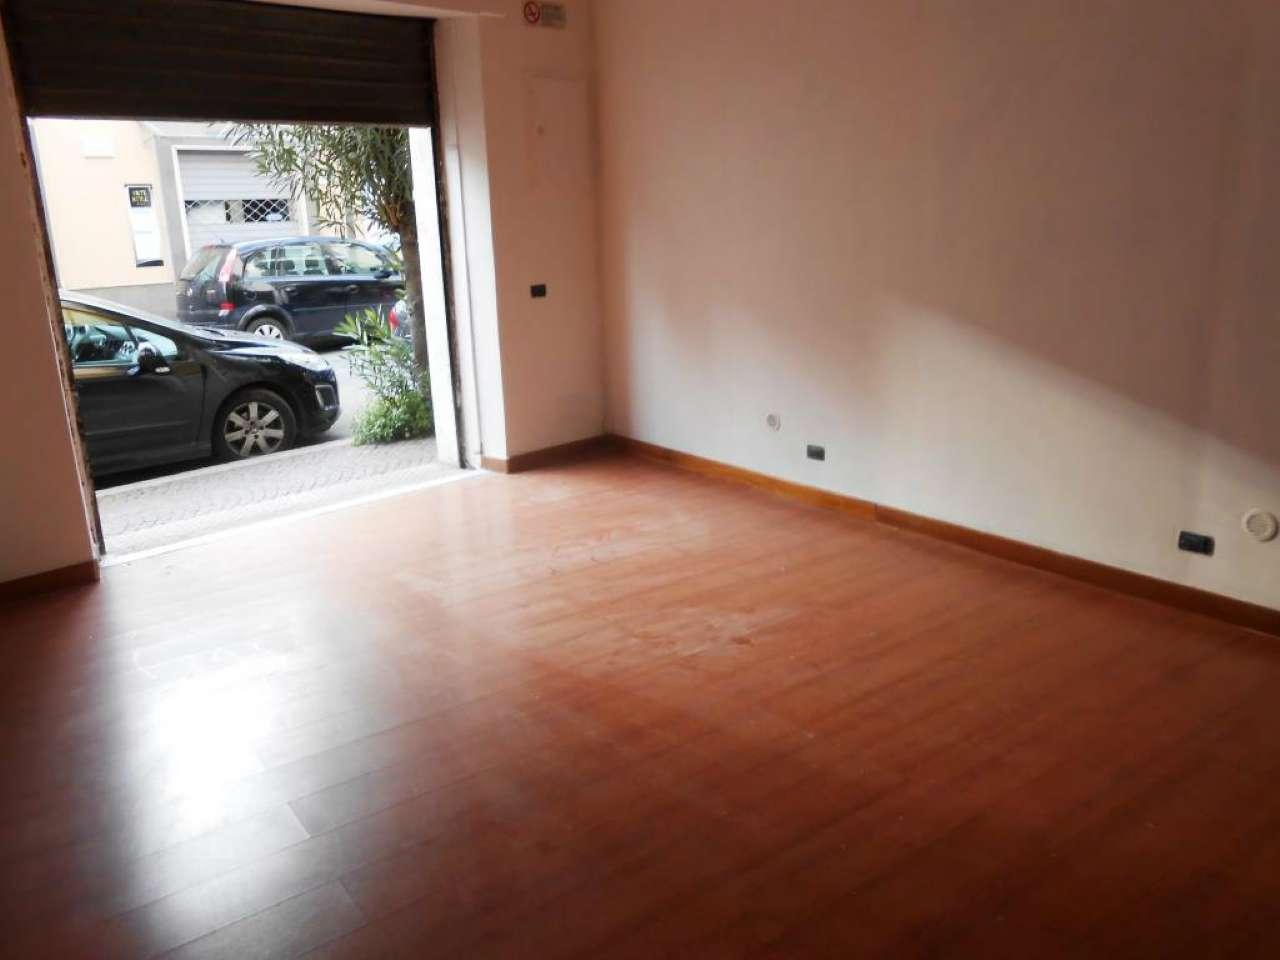 Negozio / Locale in affitto a Nettuno, 1 locali, prezzo € 400 | CambioCasa.it